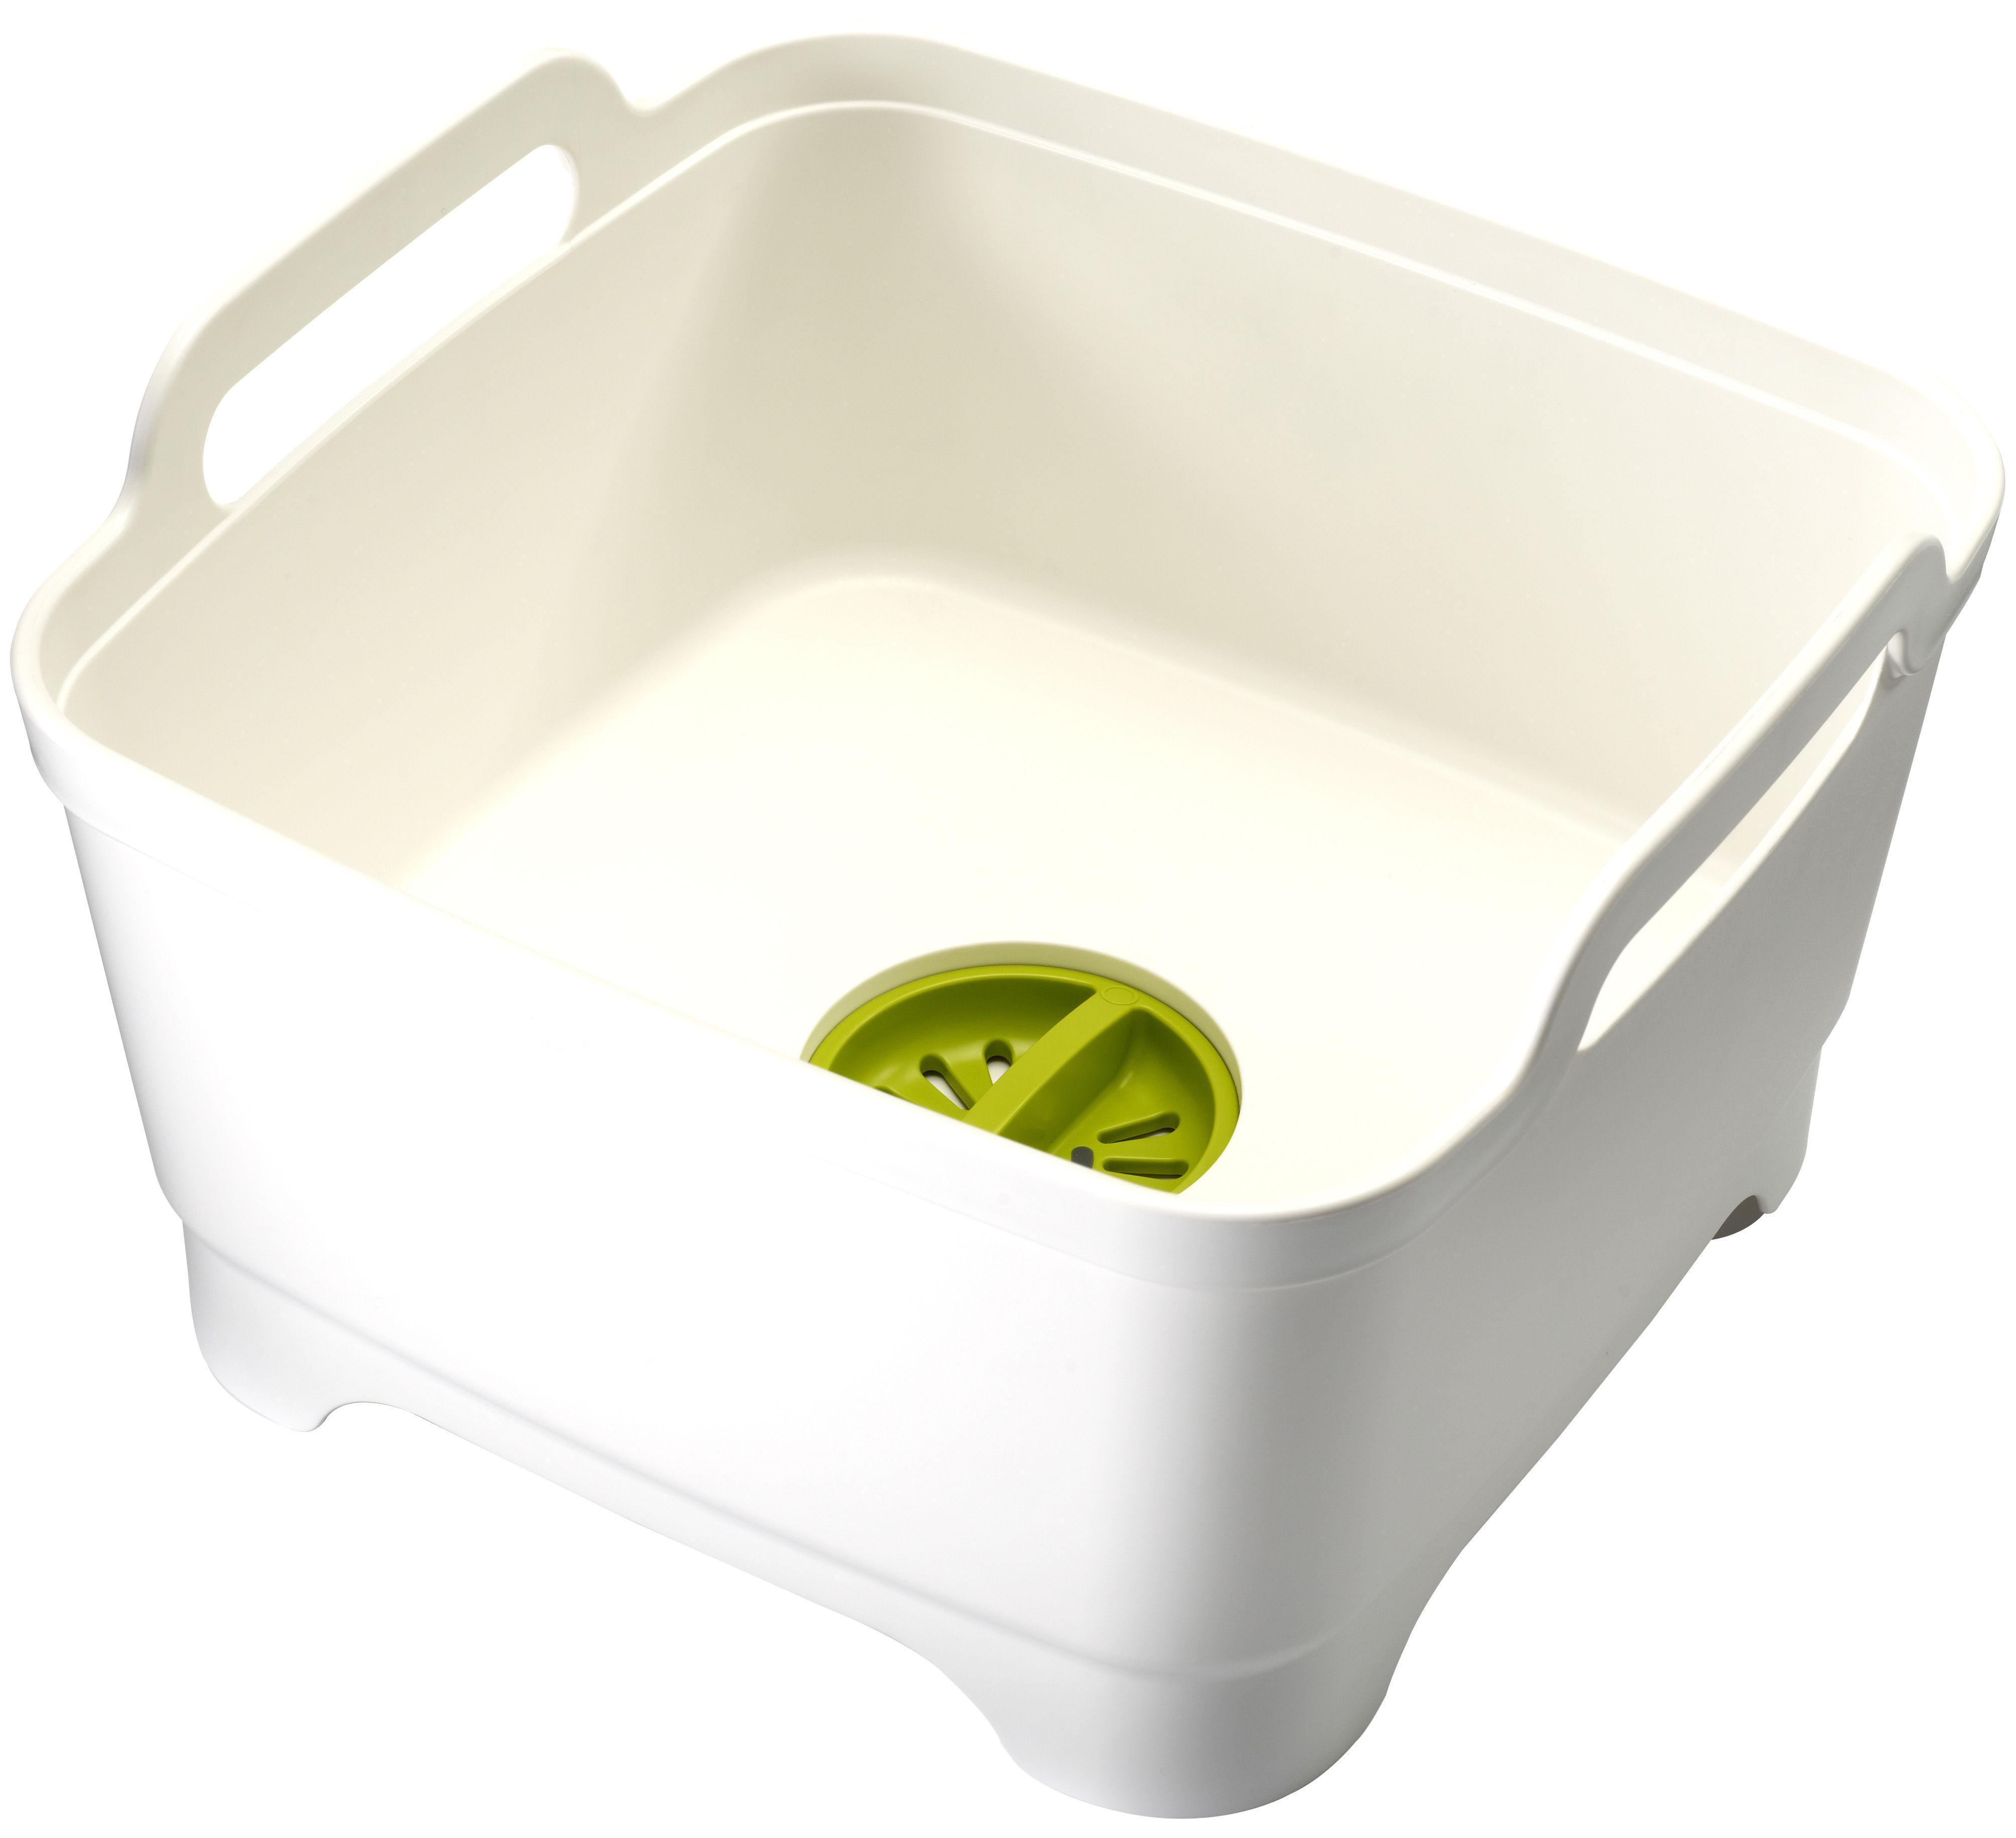 Küche - Spülen und putzen - Wash&Drain Spülbecken / mit Wasserablauf - Joseph Joseph - Weiß / grün - Polypropylen